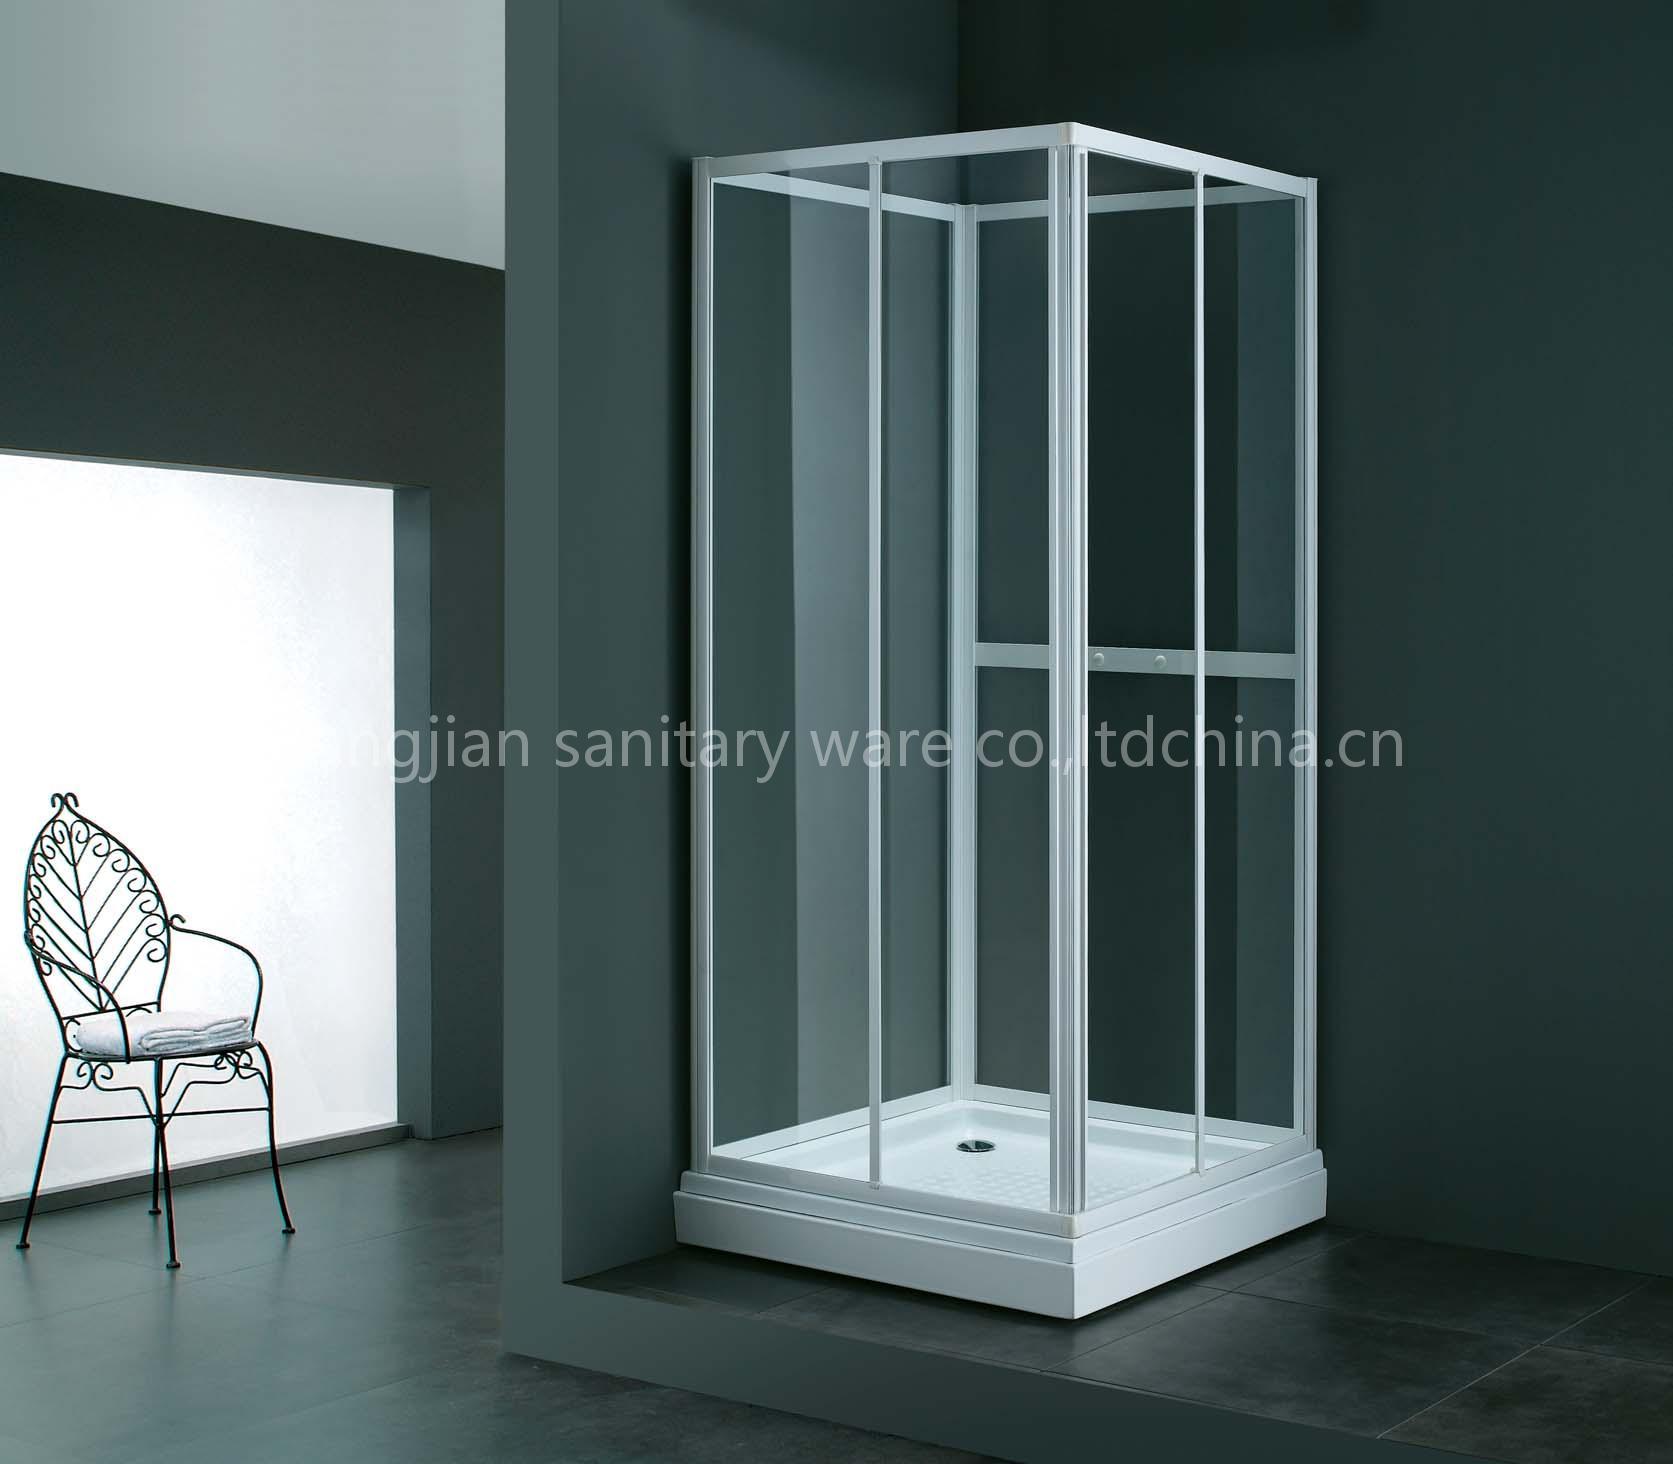 Box para o banheiro #526F79 1673 1464